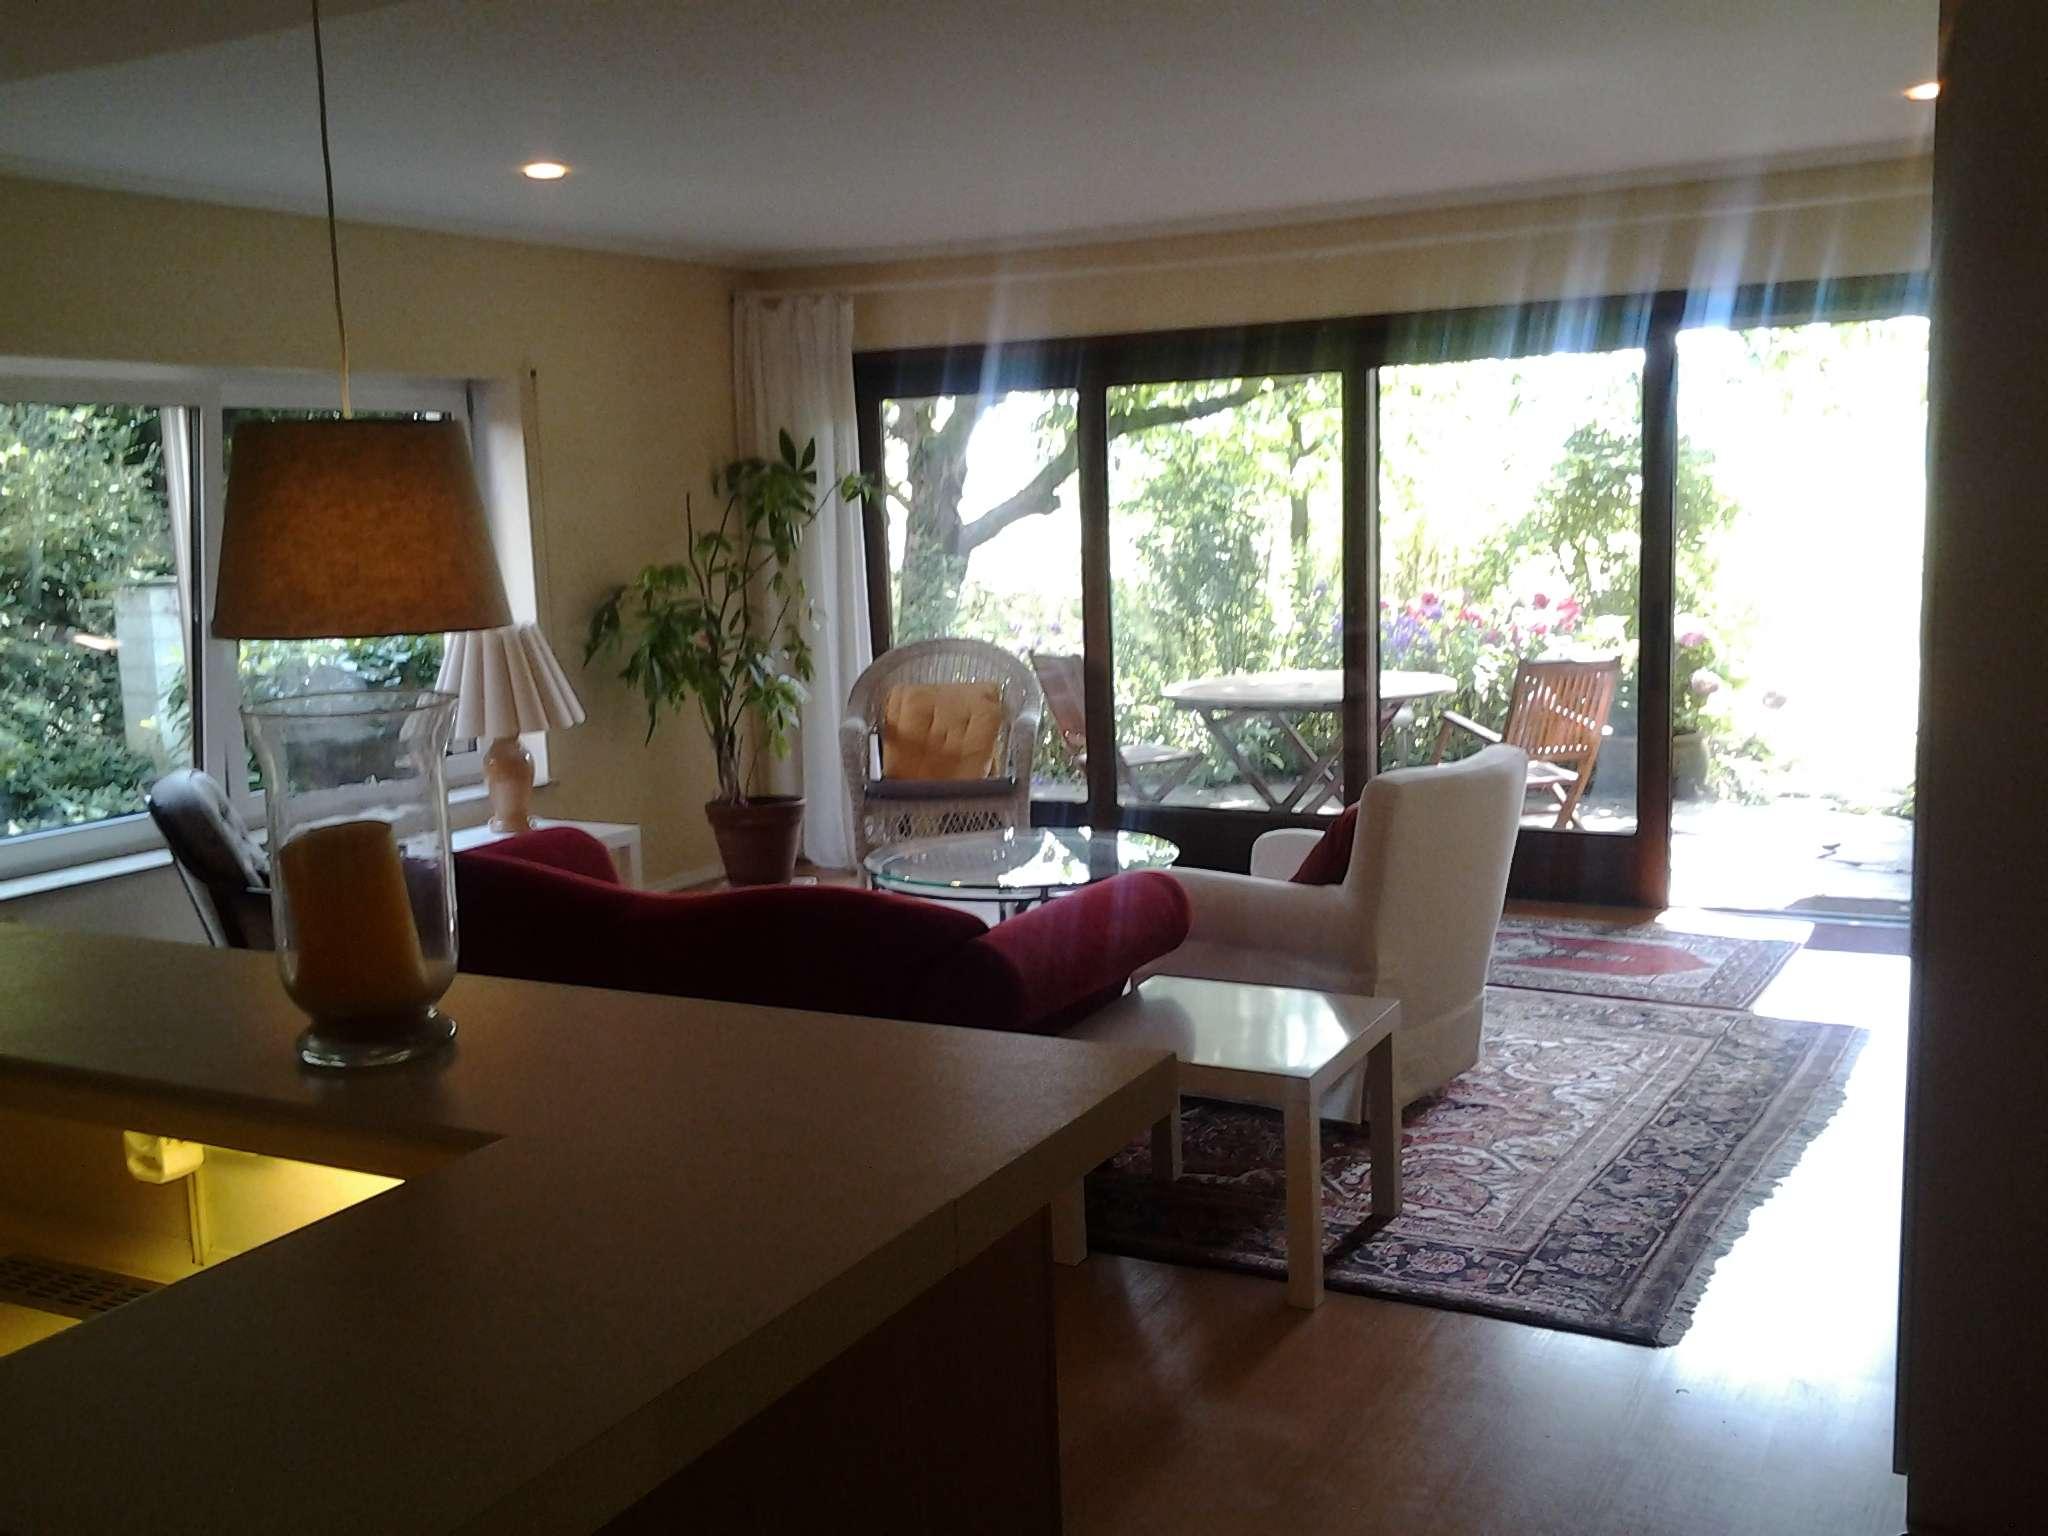 Gepflegtes 1,5-Zimmer-Wohnung, möbliert, mit kompl.Einbauküche, großzügiger grüner Terrasse in